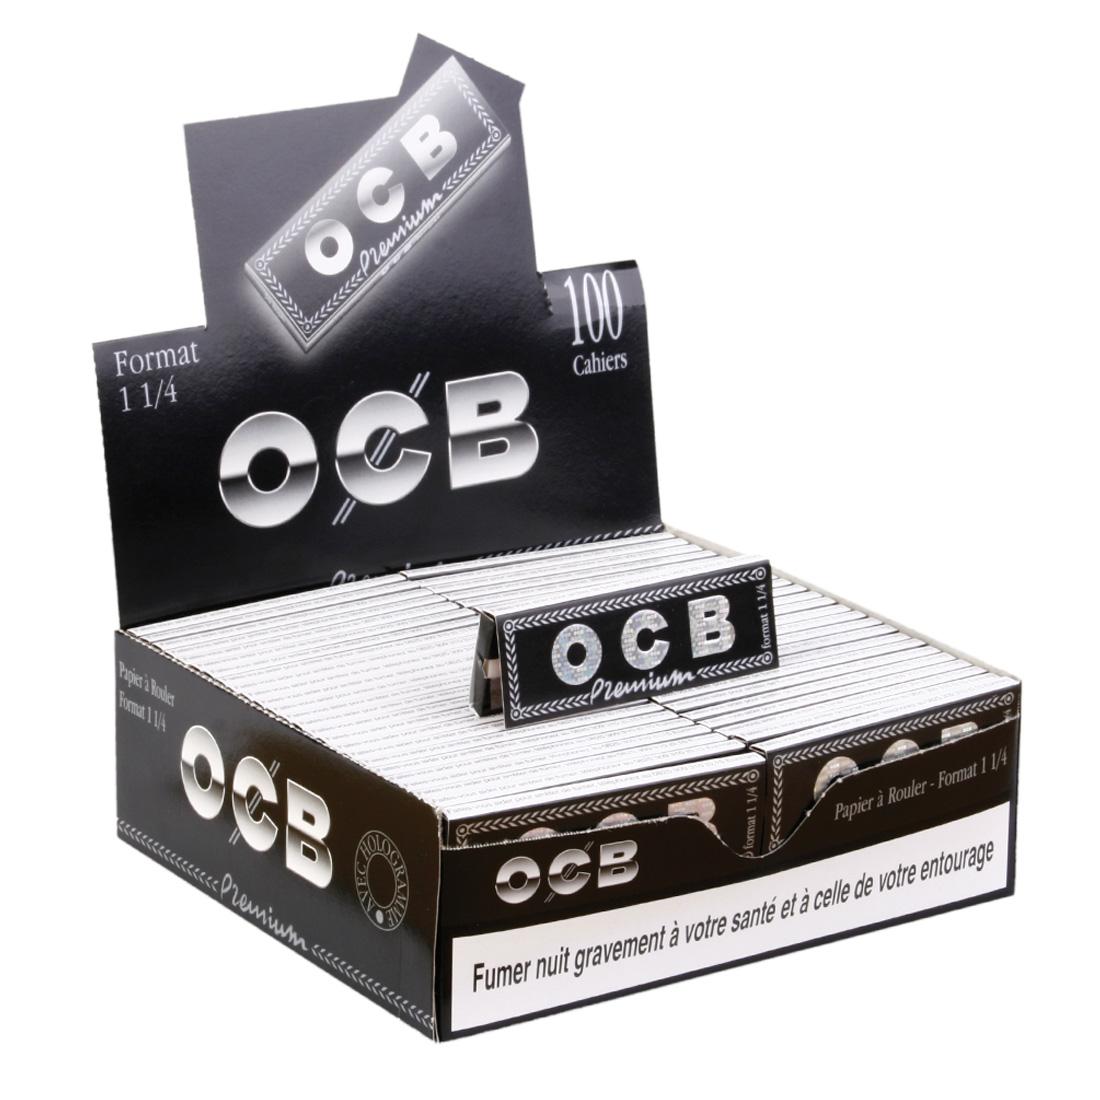 papier a rouler OCB